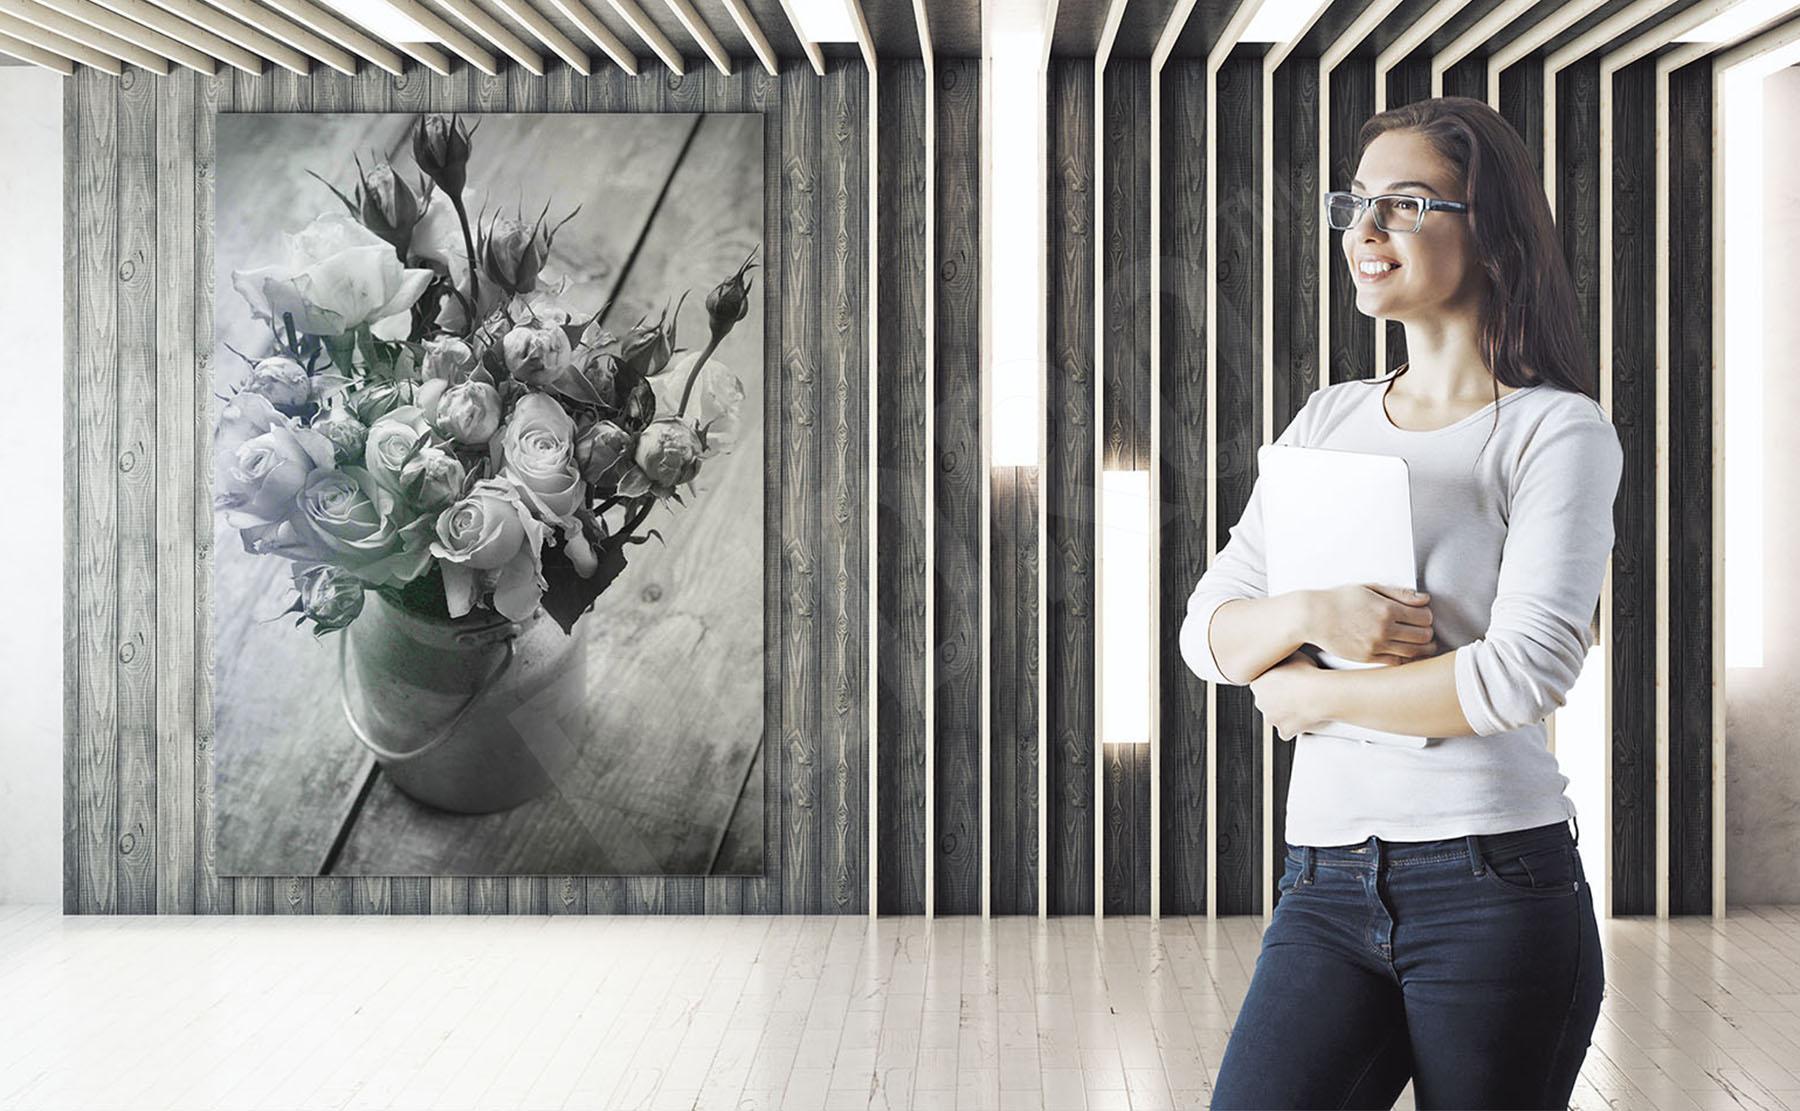 Obrazy Kwiaty Czarno Białe Obrazy Fototapety Naklejki Plakaty